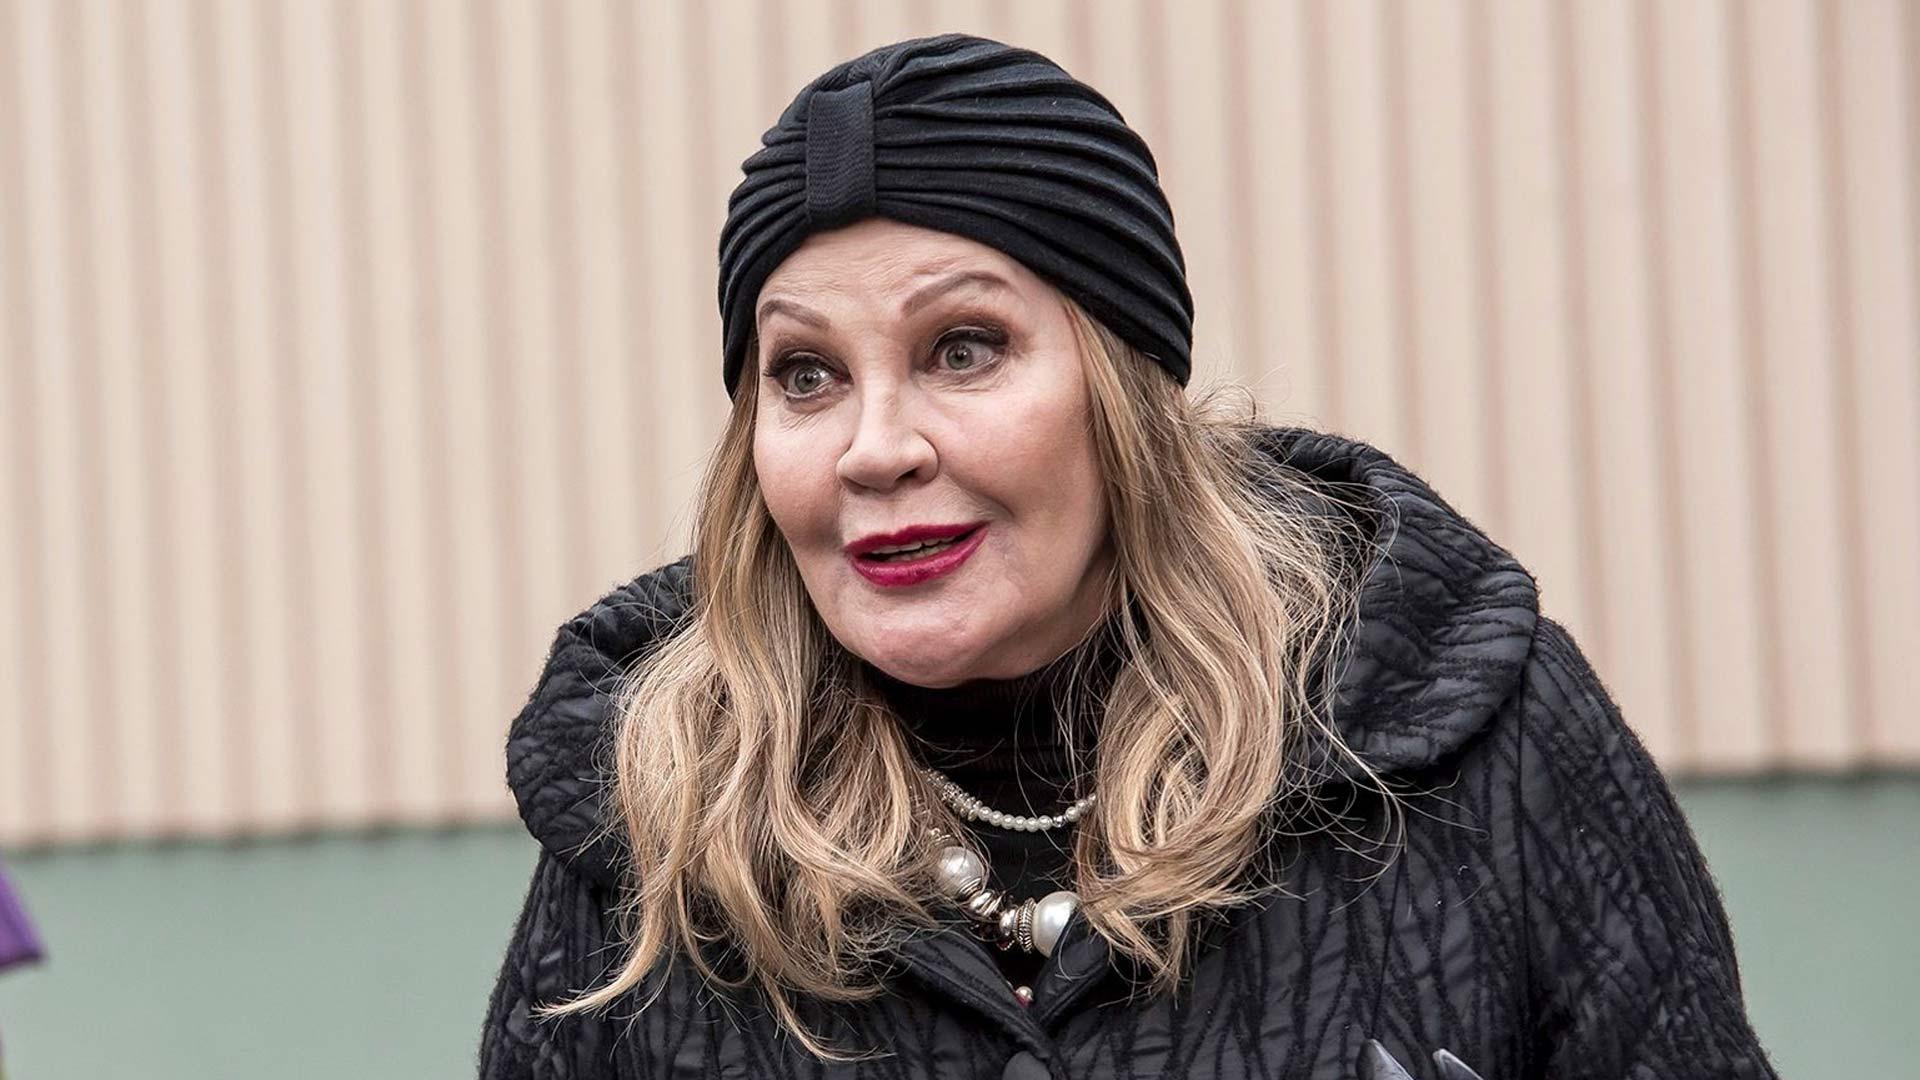 Hannele Lauri nähdään parhaillaan löytökoirana eloon palaavana oopperadiiva Annana sarjassa Ei haukku haavaa tee.